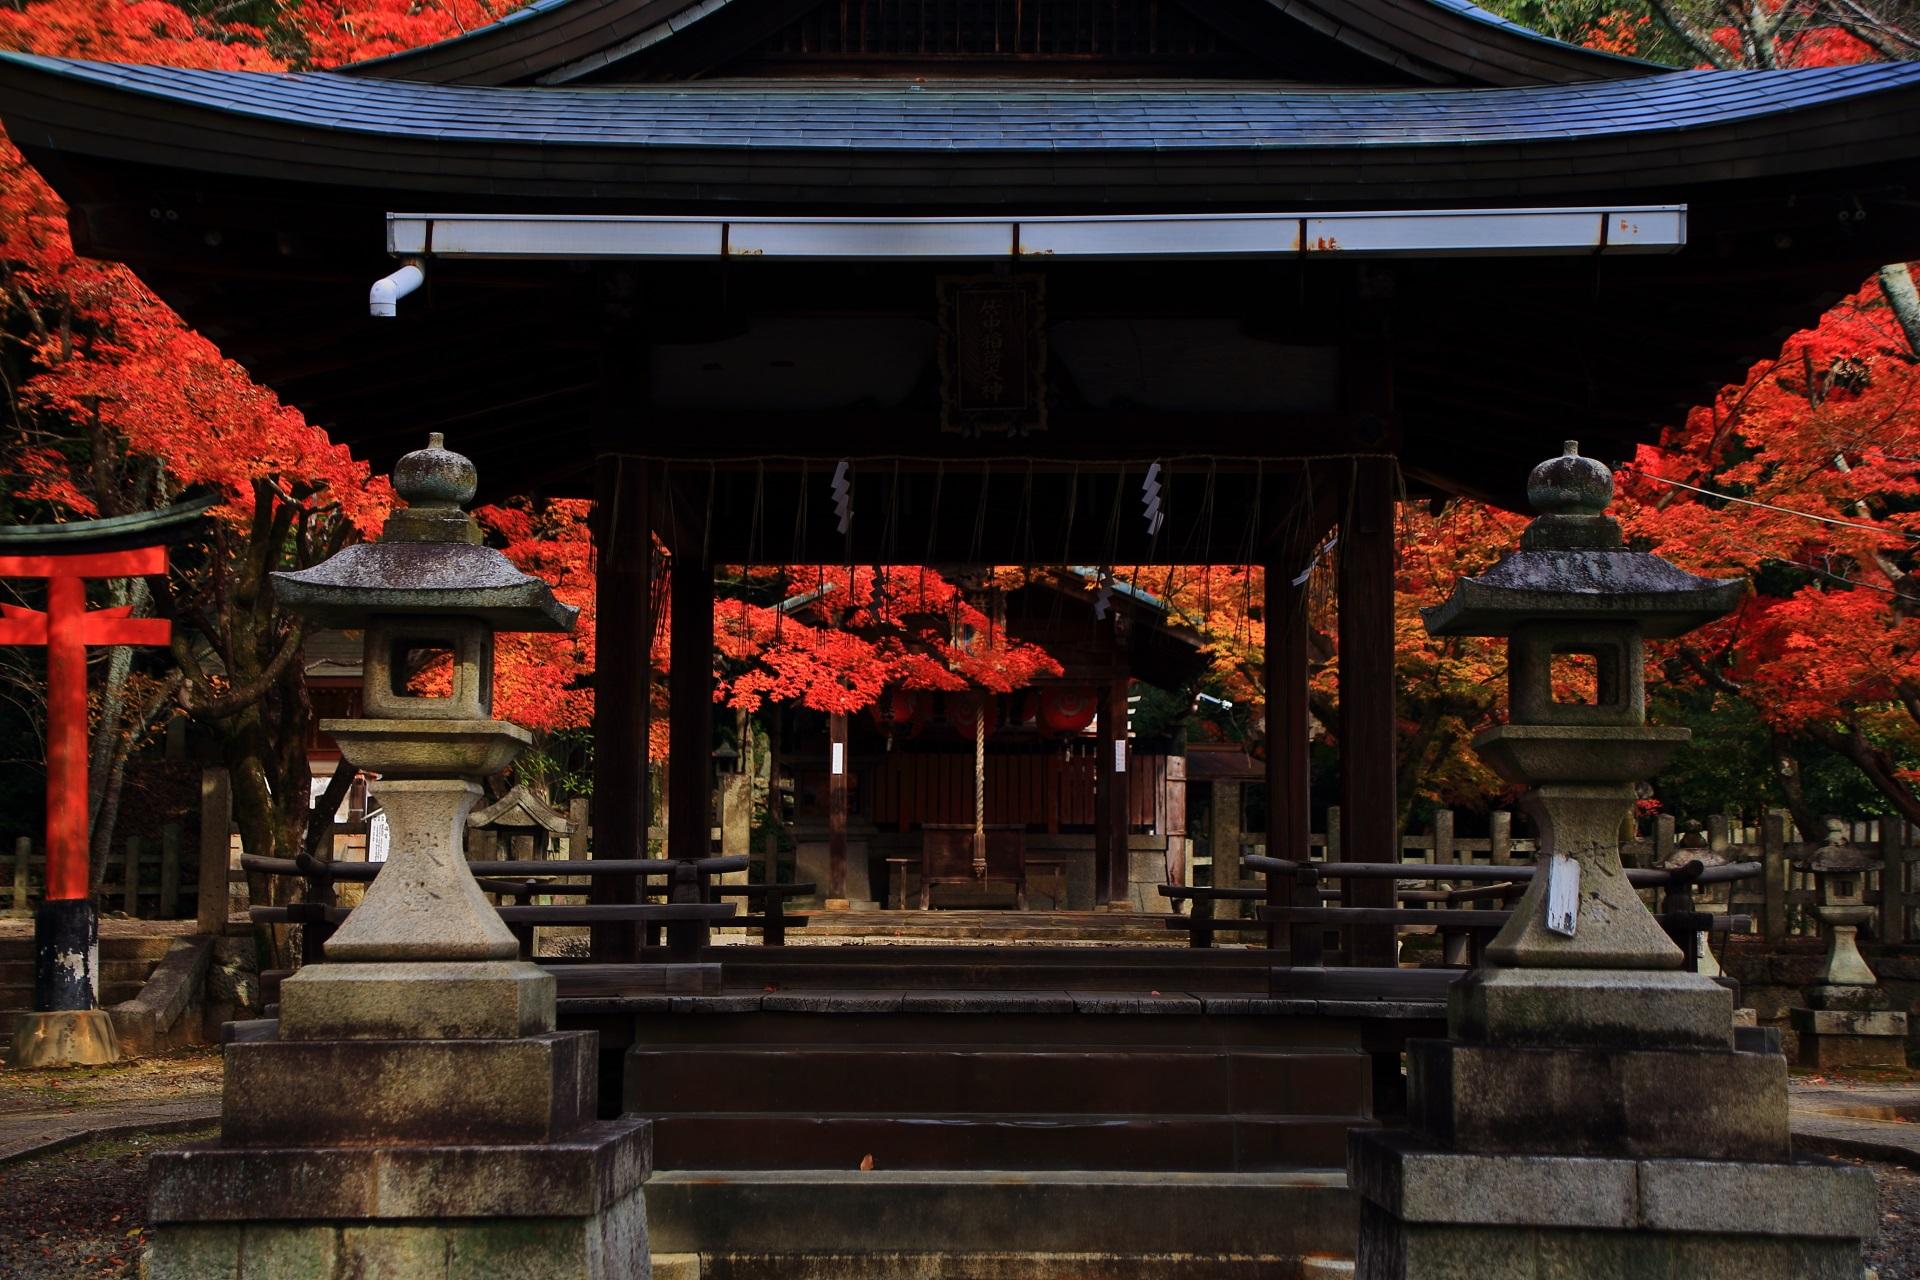 竹中稲荷神社の拝殿と本殿を華やぐ見事な色づきの紅葉